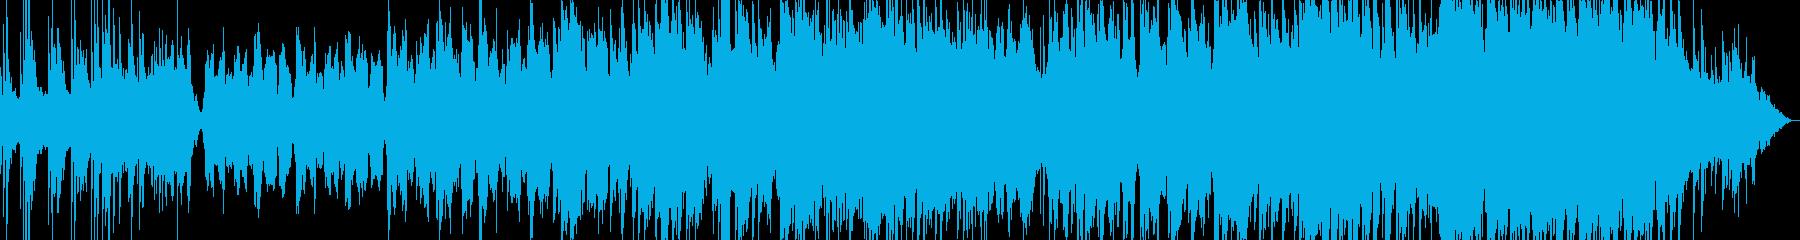 ピアノが印象的な優しいバラードの再生済みの波形